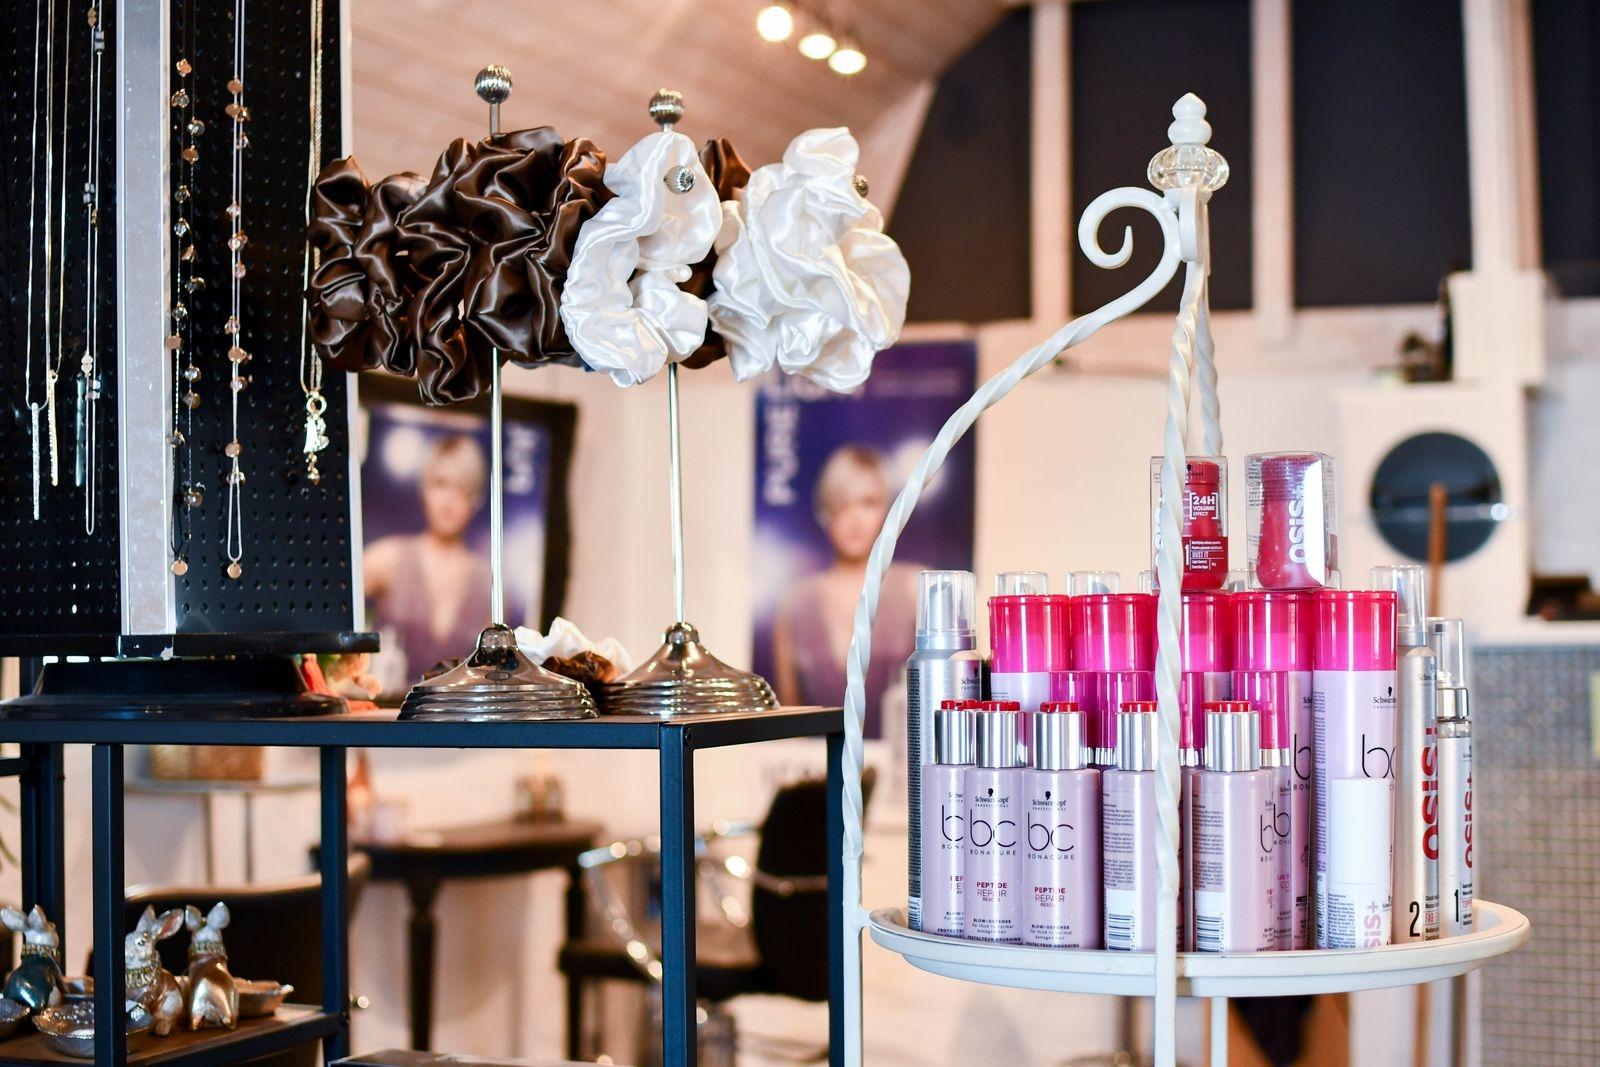 Eftersom det inte kan bli någon invigning firar Camilla starten av Millan på Möllan med kampanj på salongens frisörprodukter.